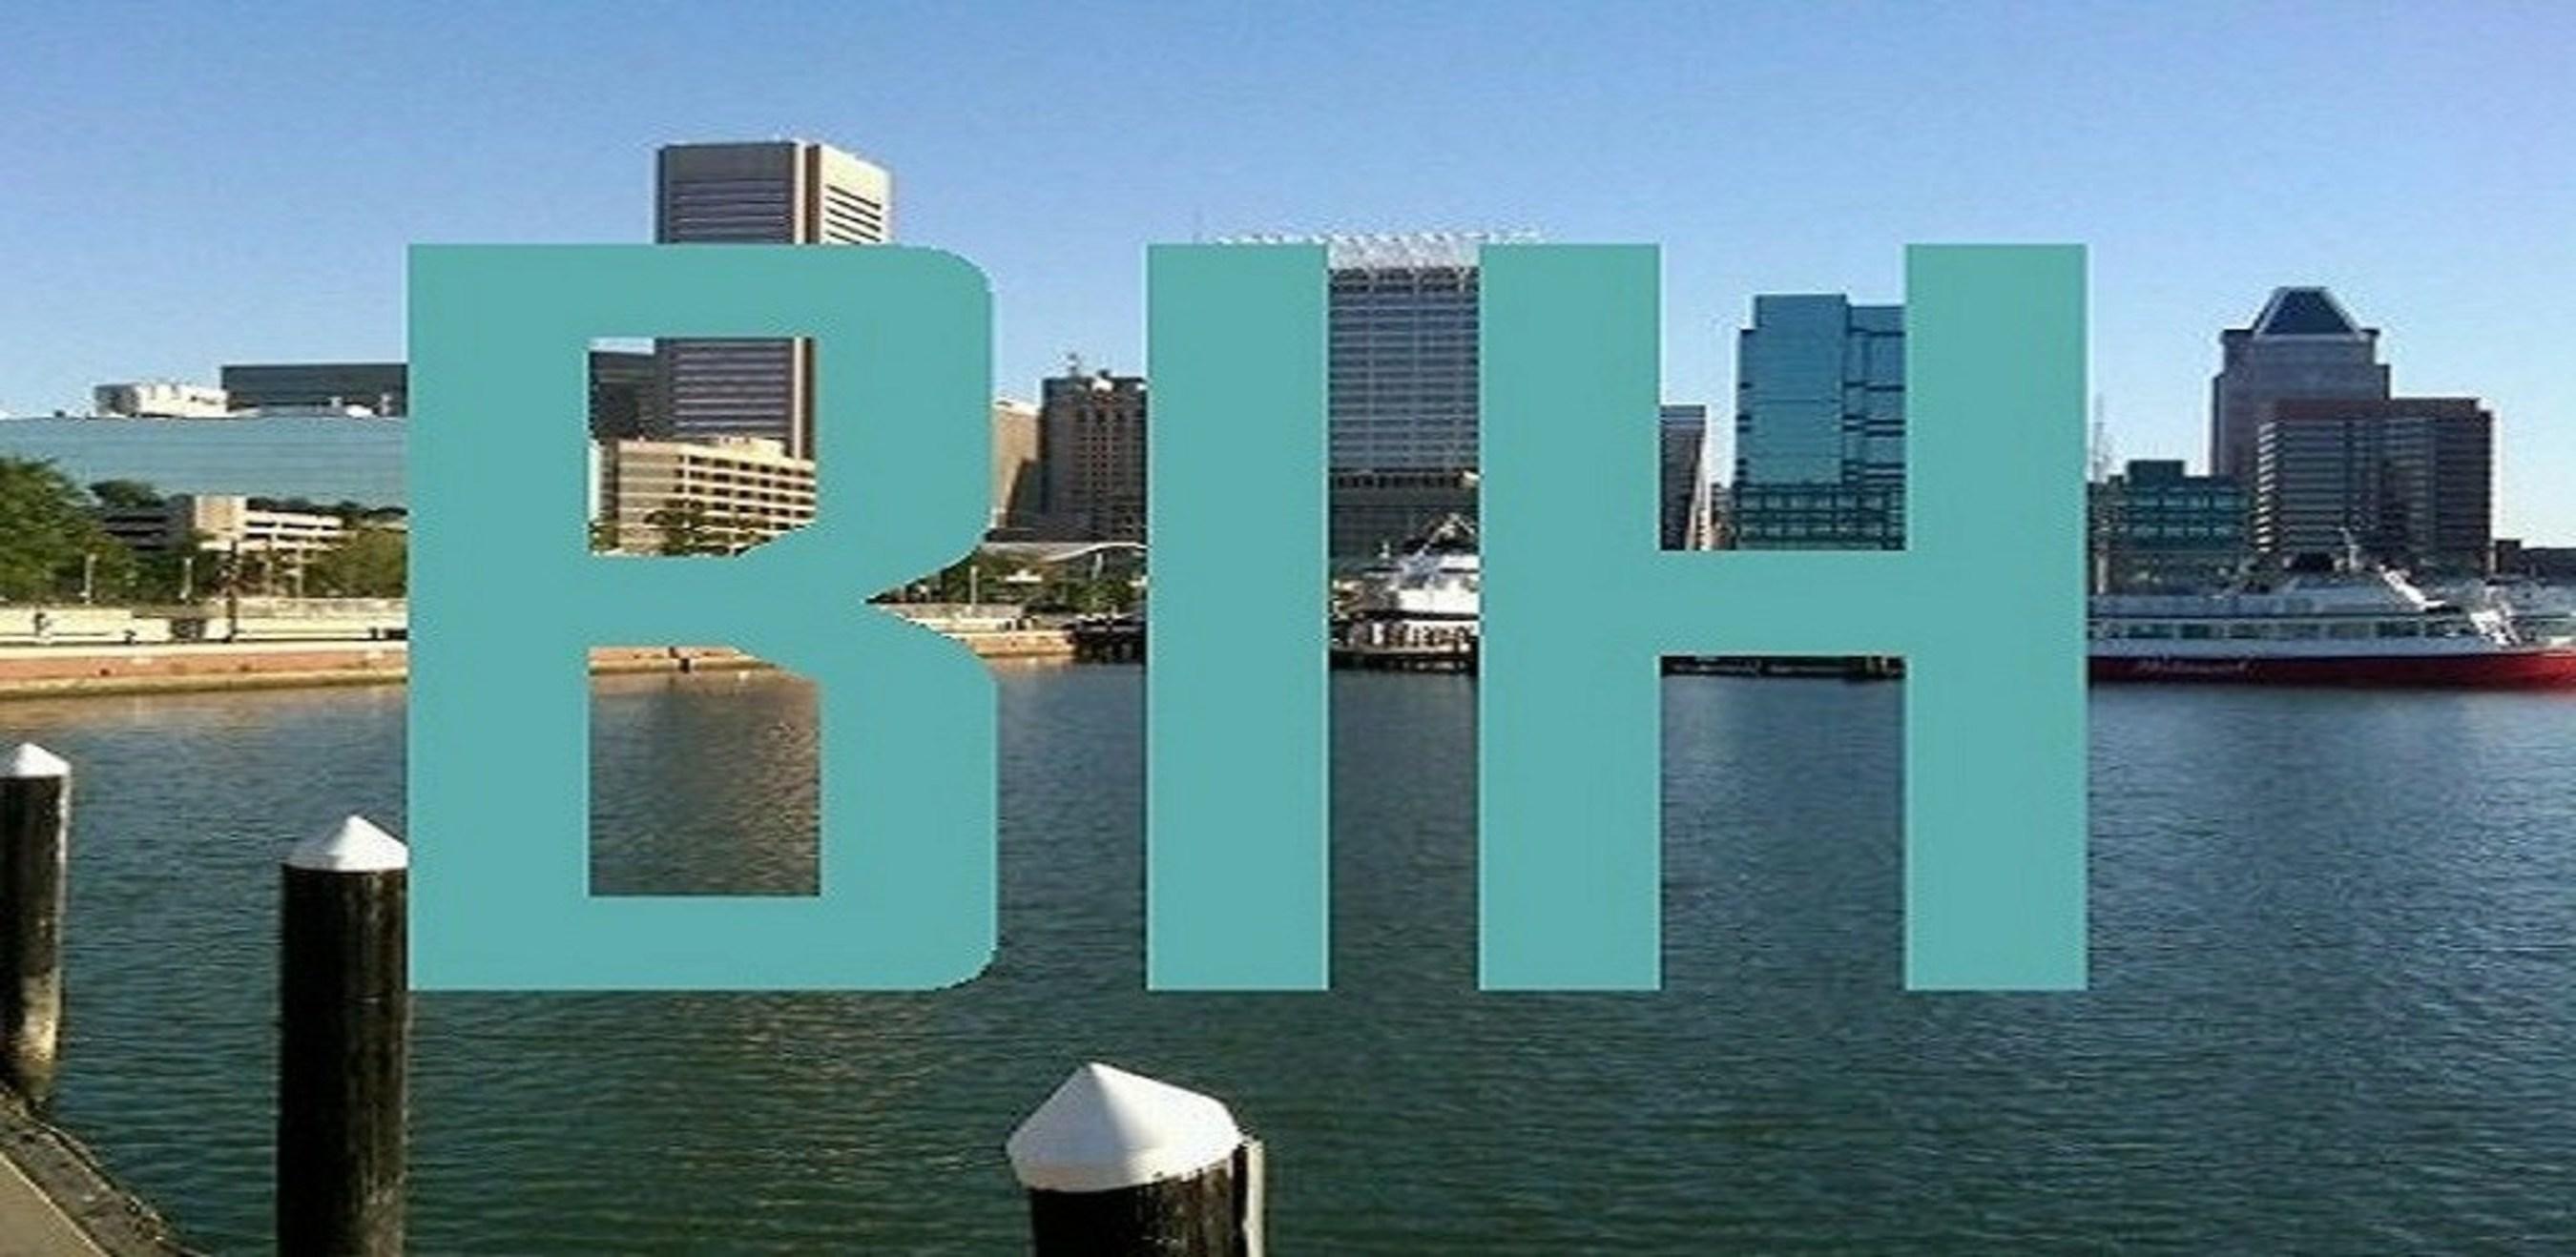 New Free Baltimore Inner Harbor App Focuses on Communities Neighbors Rebuilt